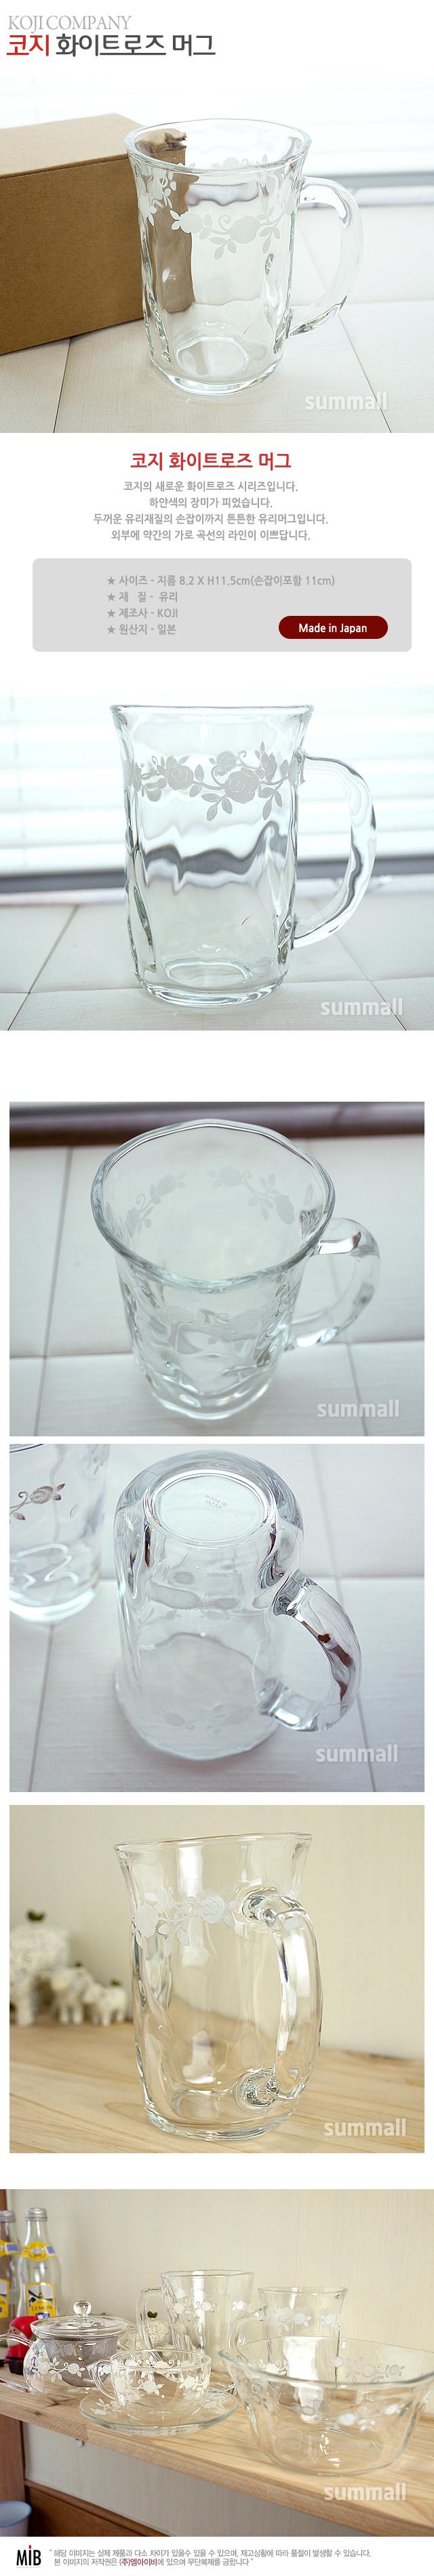 코지 화이트로즈 머그 - 썸몰, 23,275원, 유리컵/술잔, 유리컵